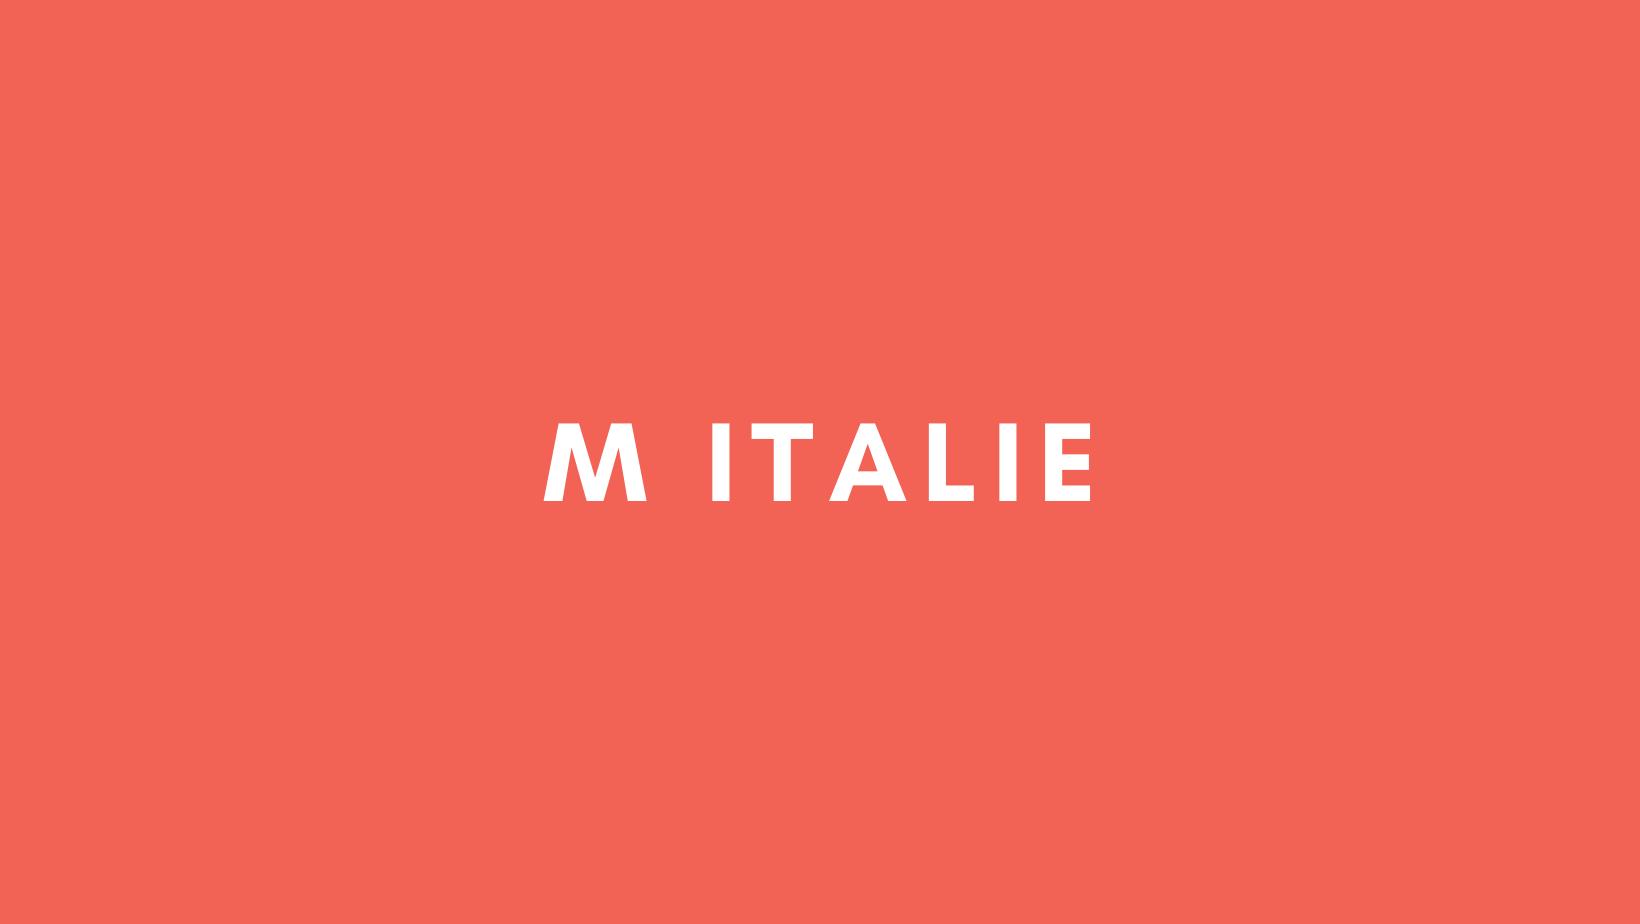 M Italie